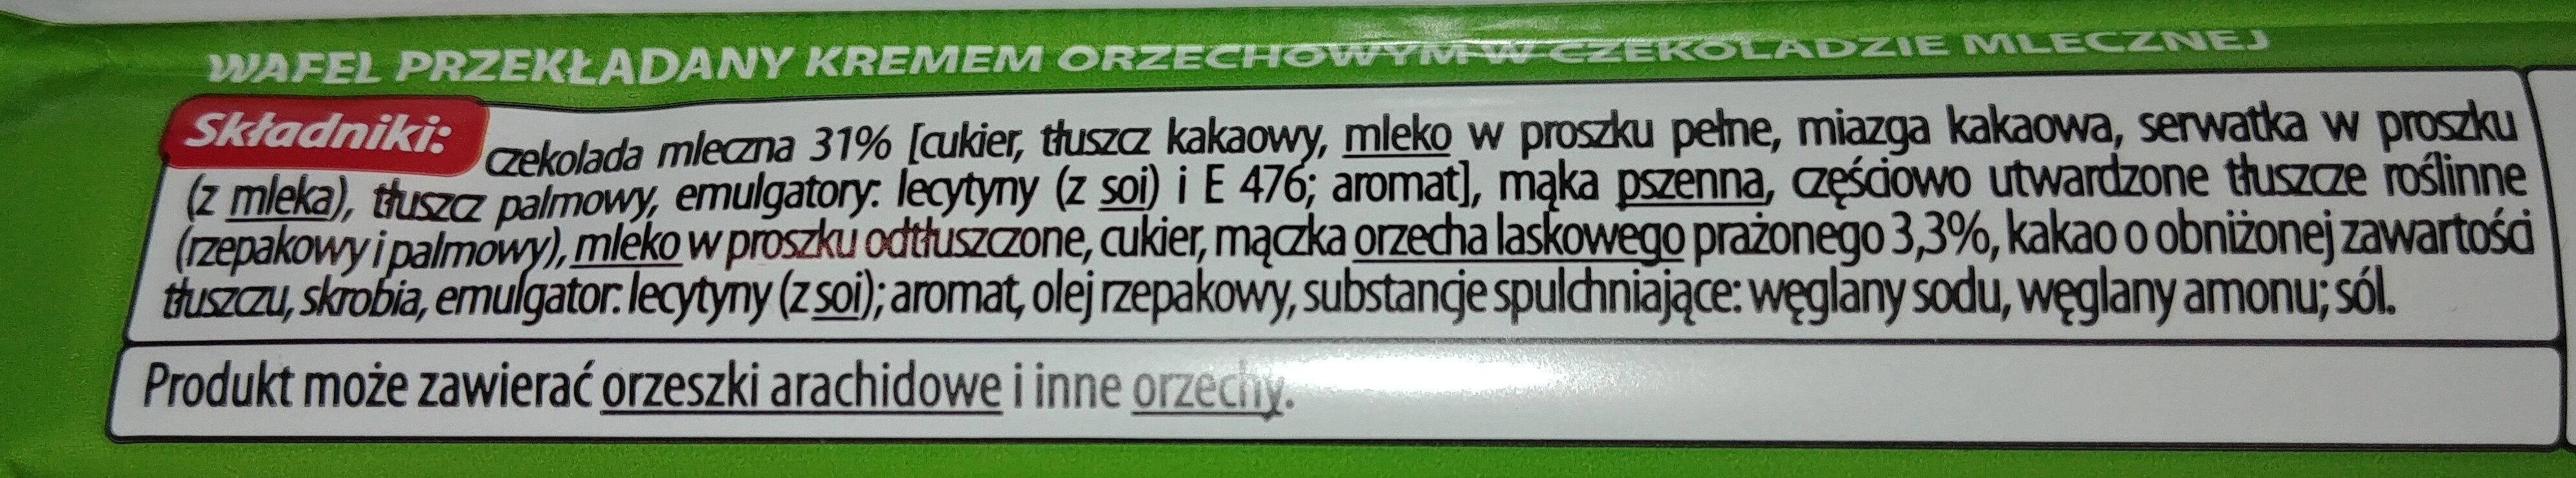 Wafel przekładany kremem orzechowym w czekoladzie mlecznej - Składniki - pl